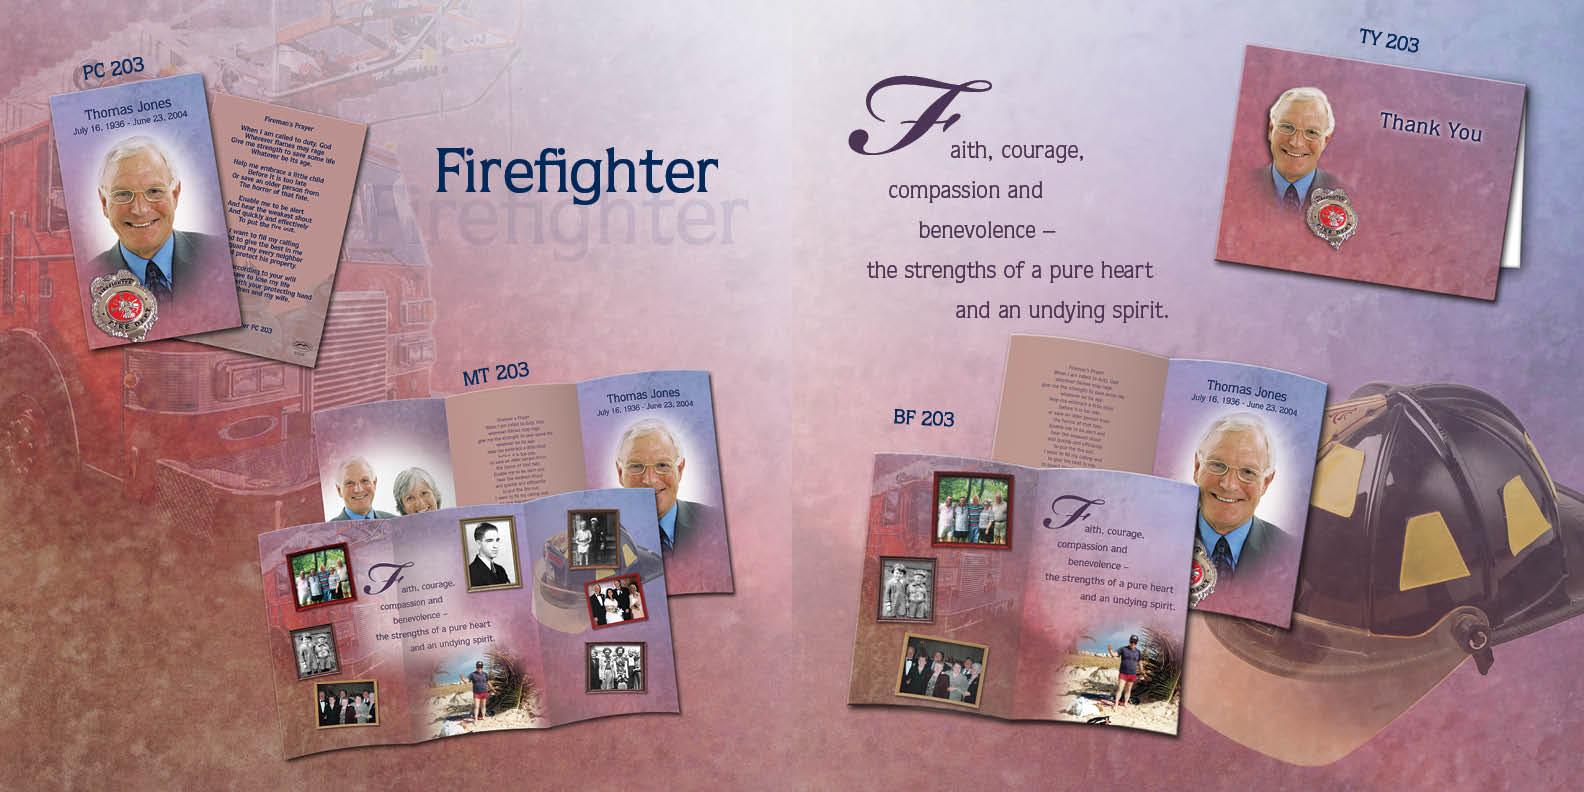 203 Firefighter